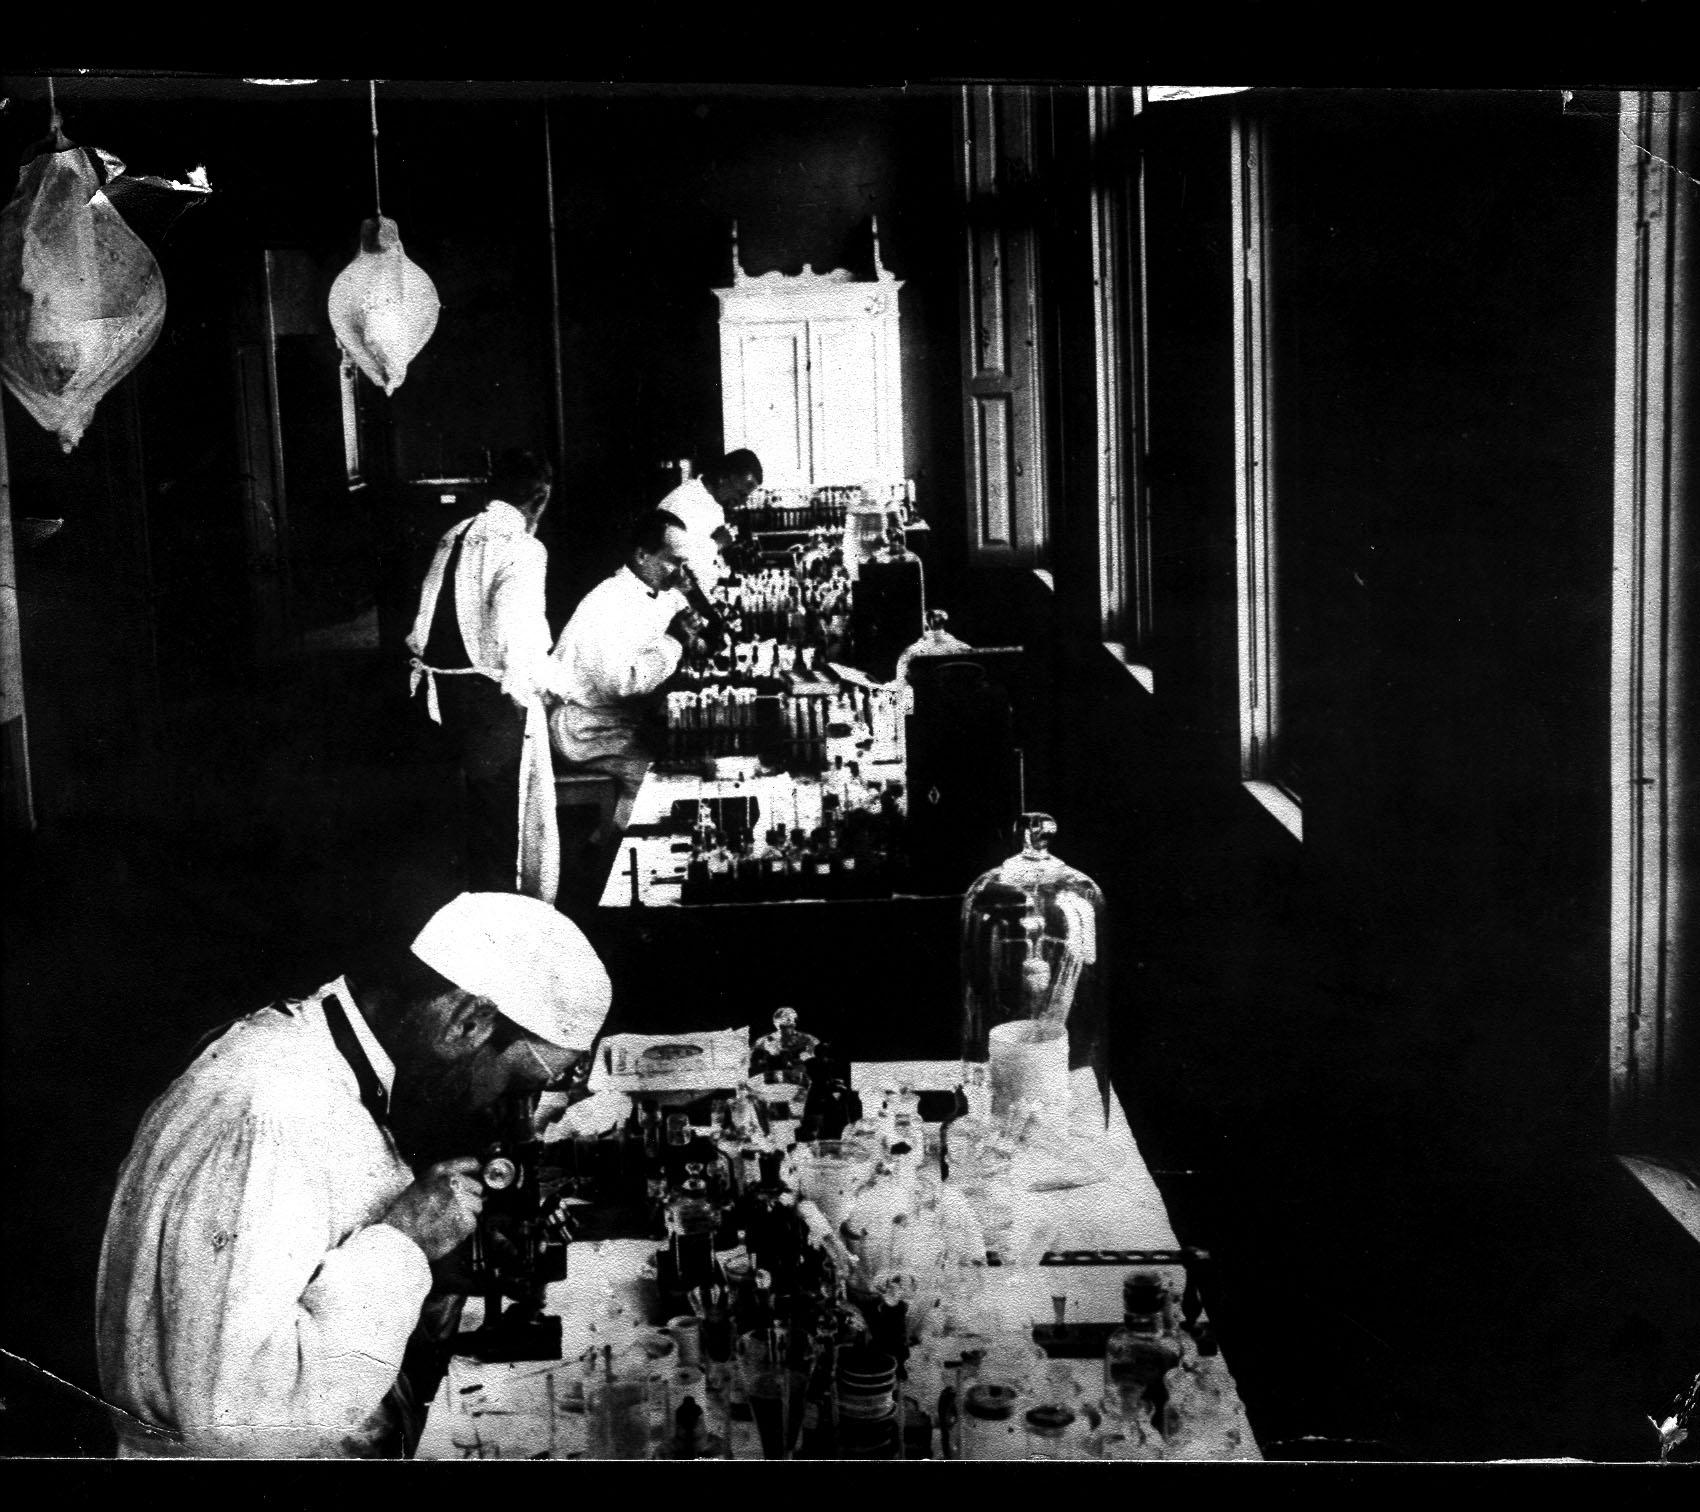 Adolpho Lutz observa material no microscópio do Instituto Bacteriológico, 1908 Acervo Museu do Instituto Adolfo Lutz, Centro de Memória